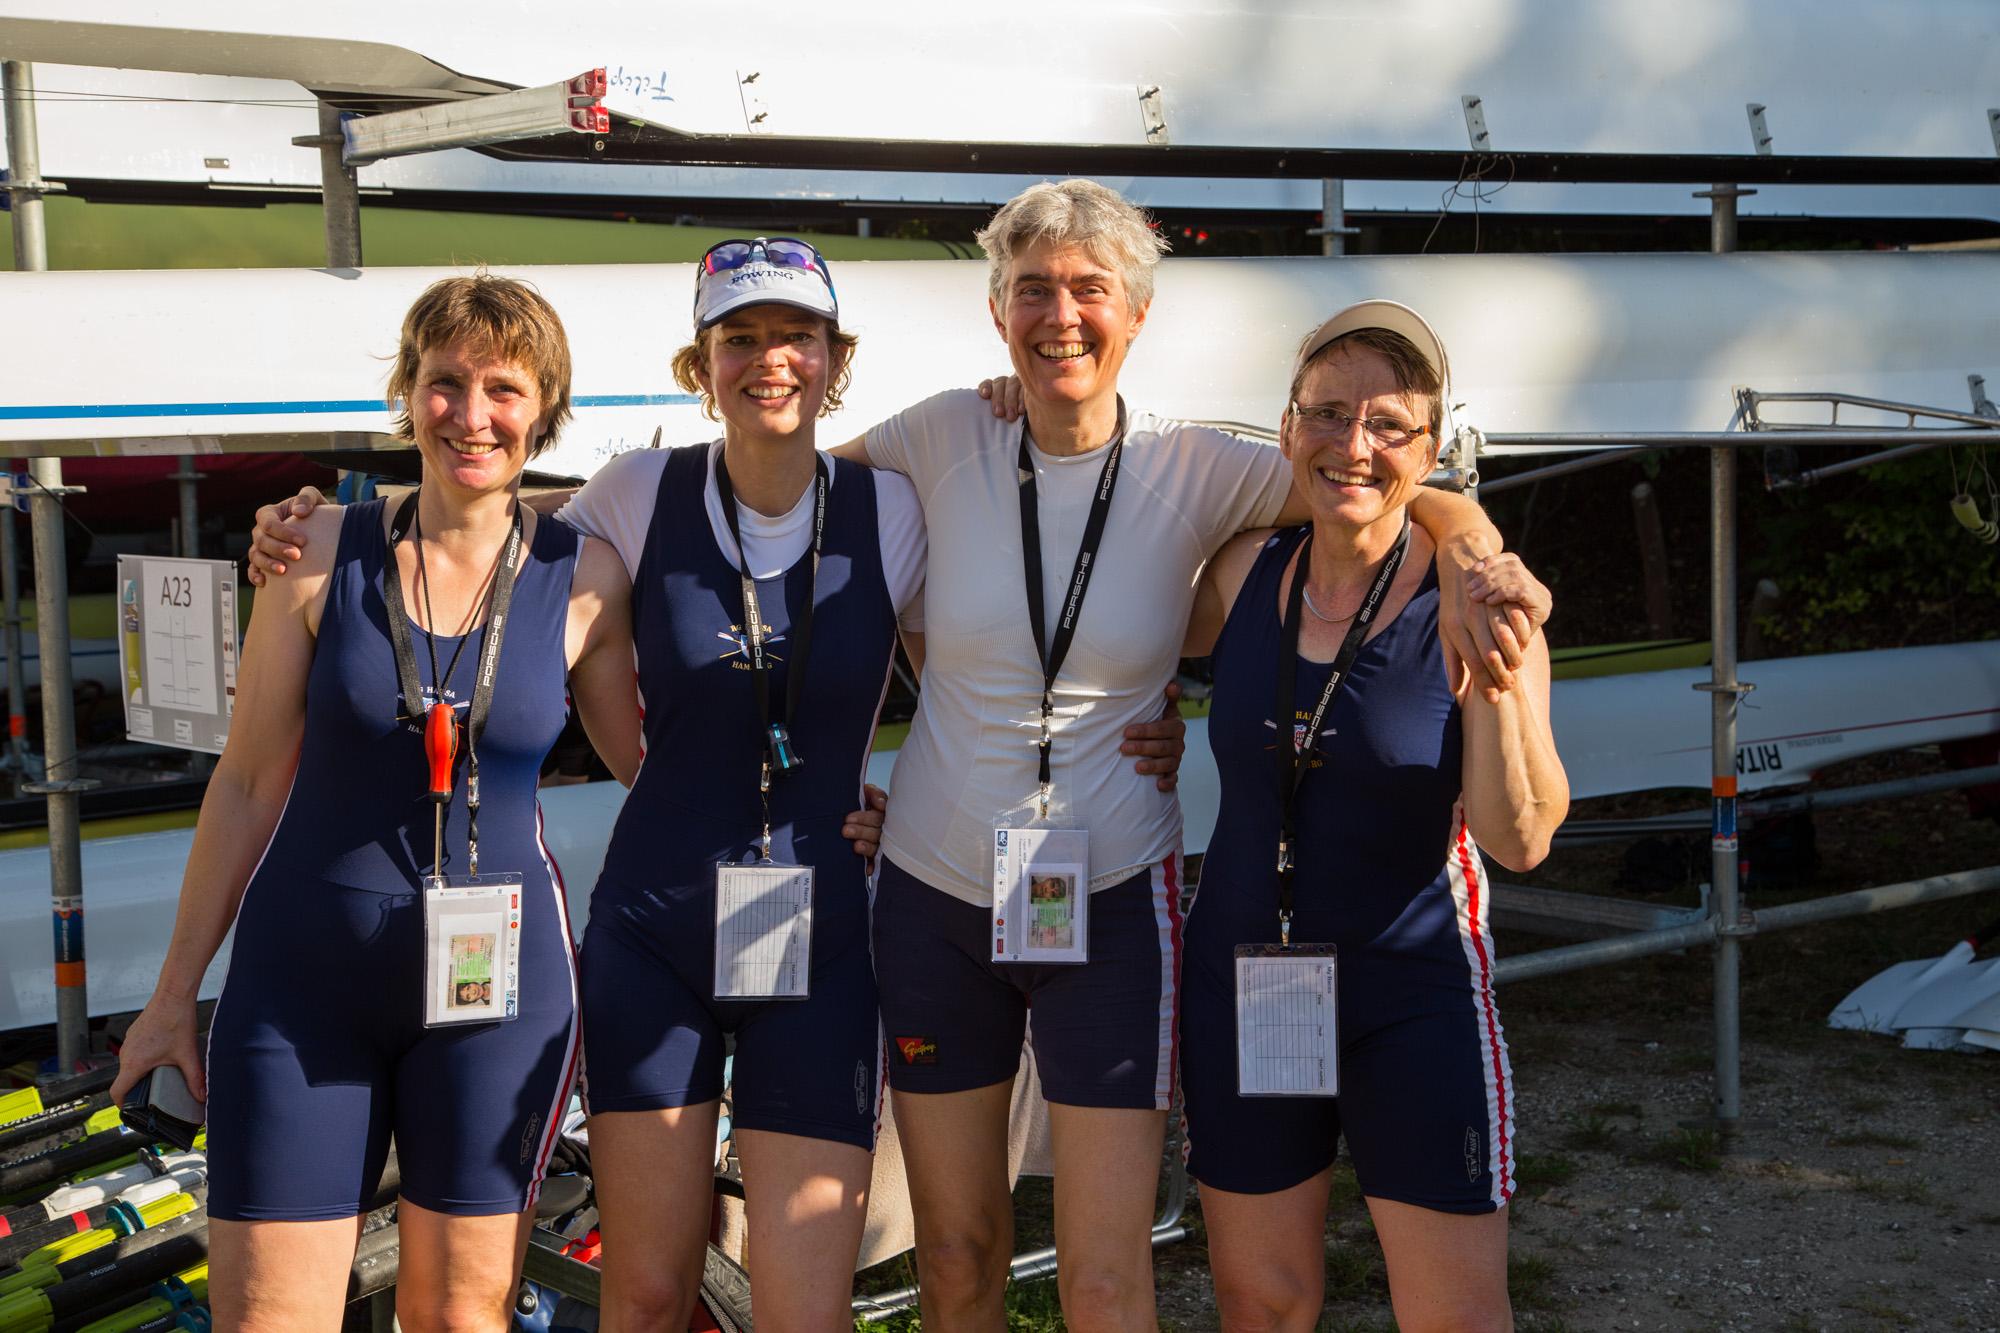 WD 4x: Anke Buettenbender, Helke Schüler, Antje Ploeger, Katrin Martinen